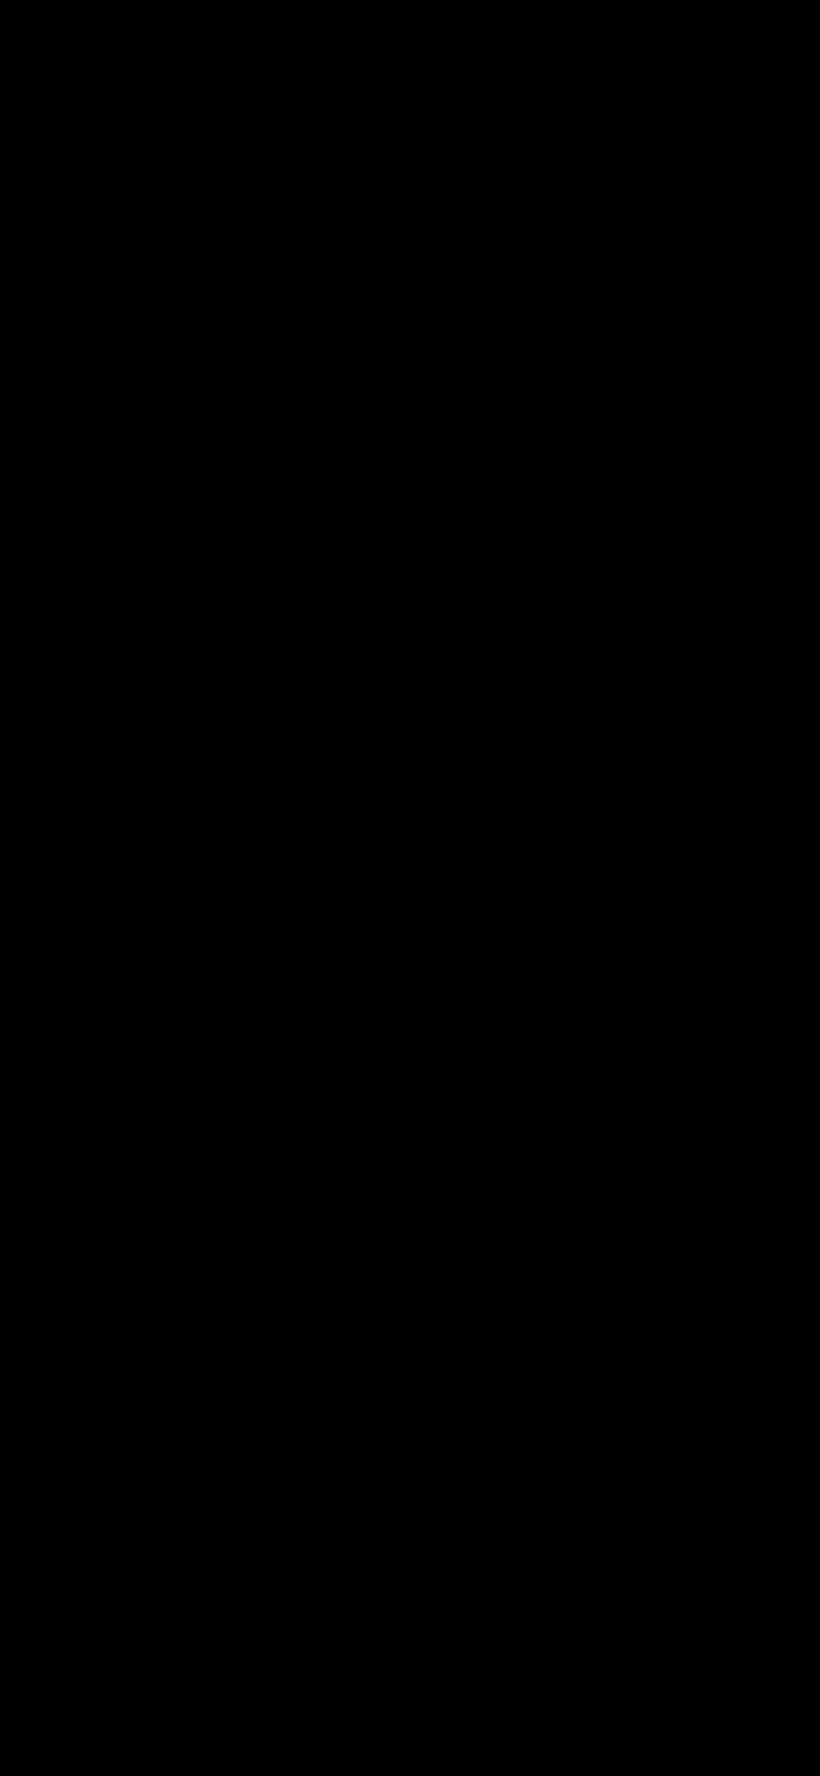 2C50F744-B9B4-43E5-BE7F-1F4AA3CD5875.png